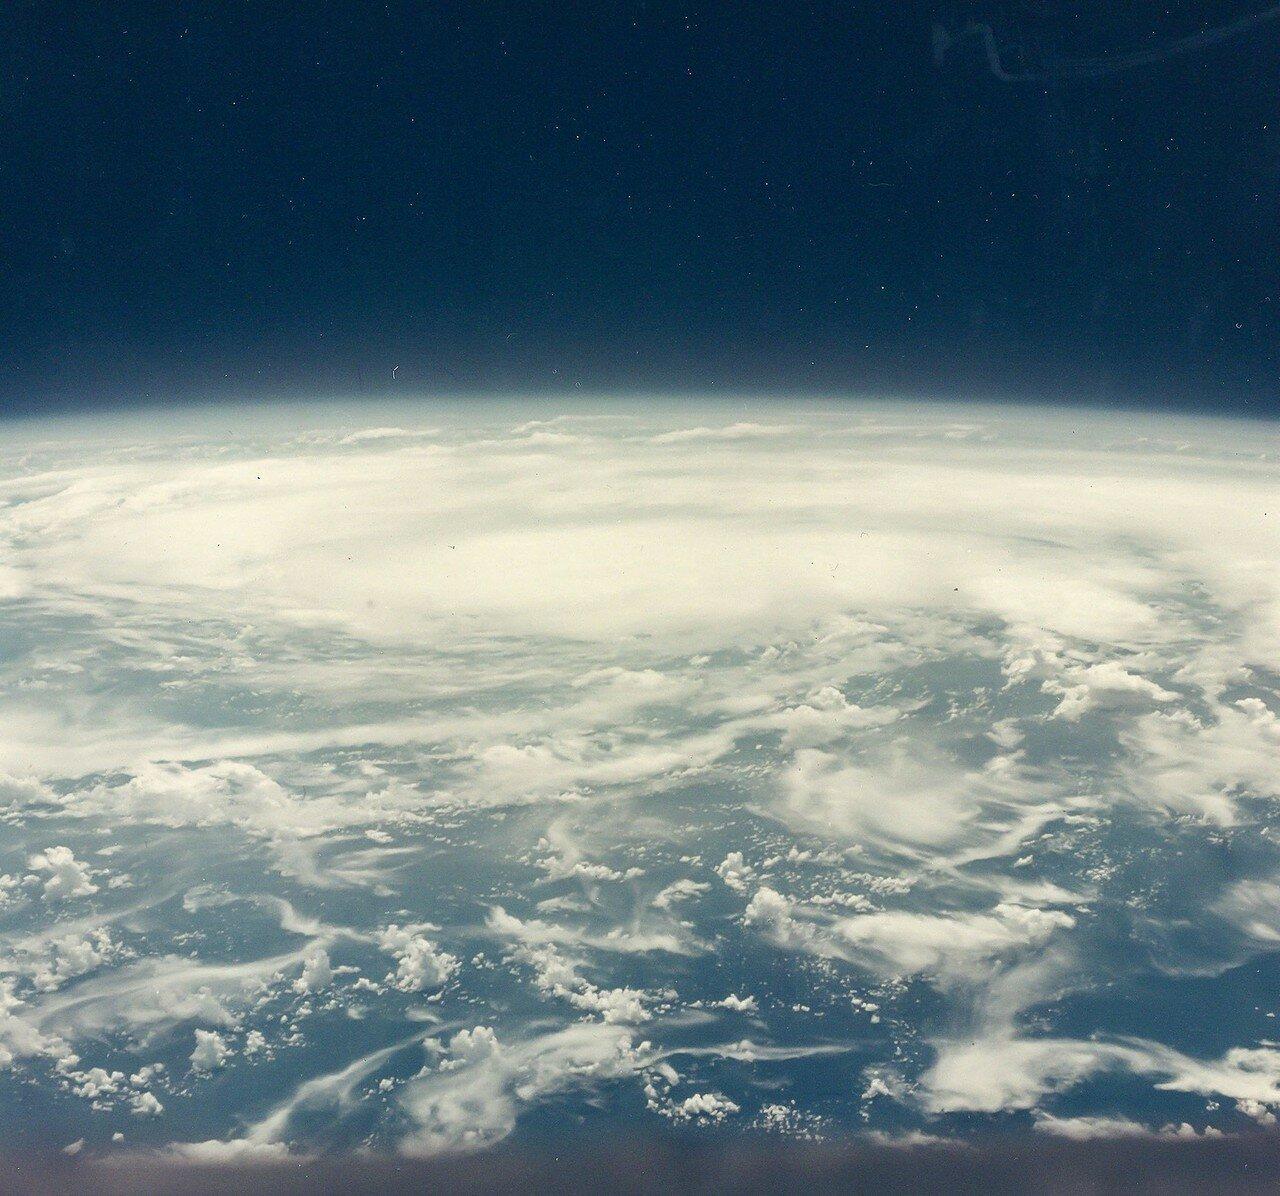 36. 1965, август. Тихий океан из космоса во время полета «Джемини»-5